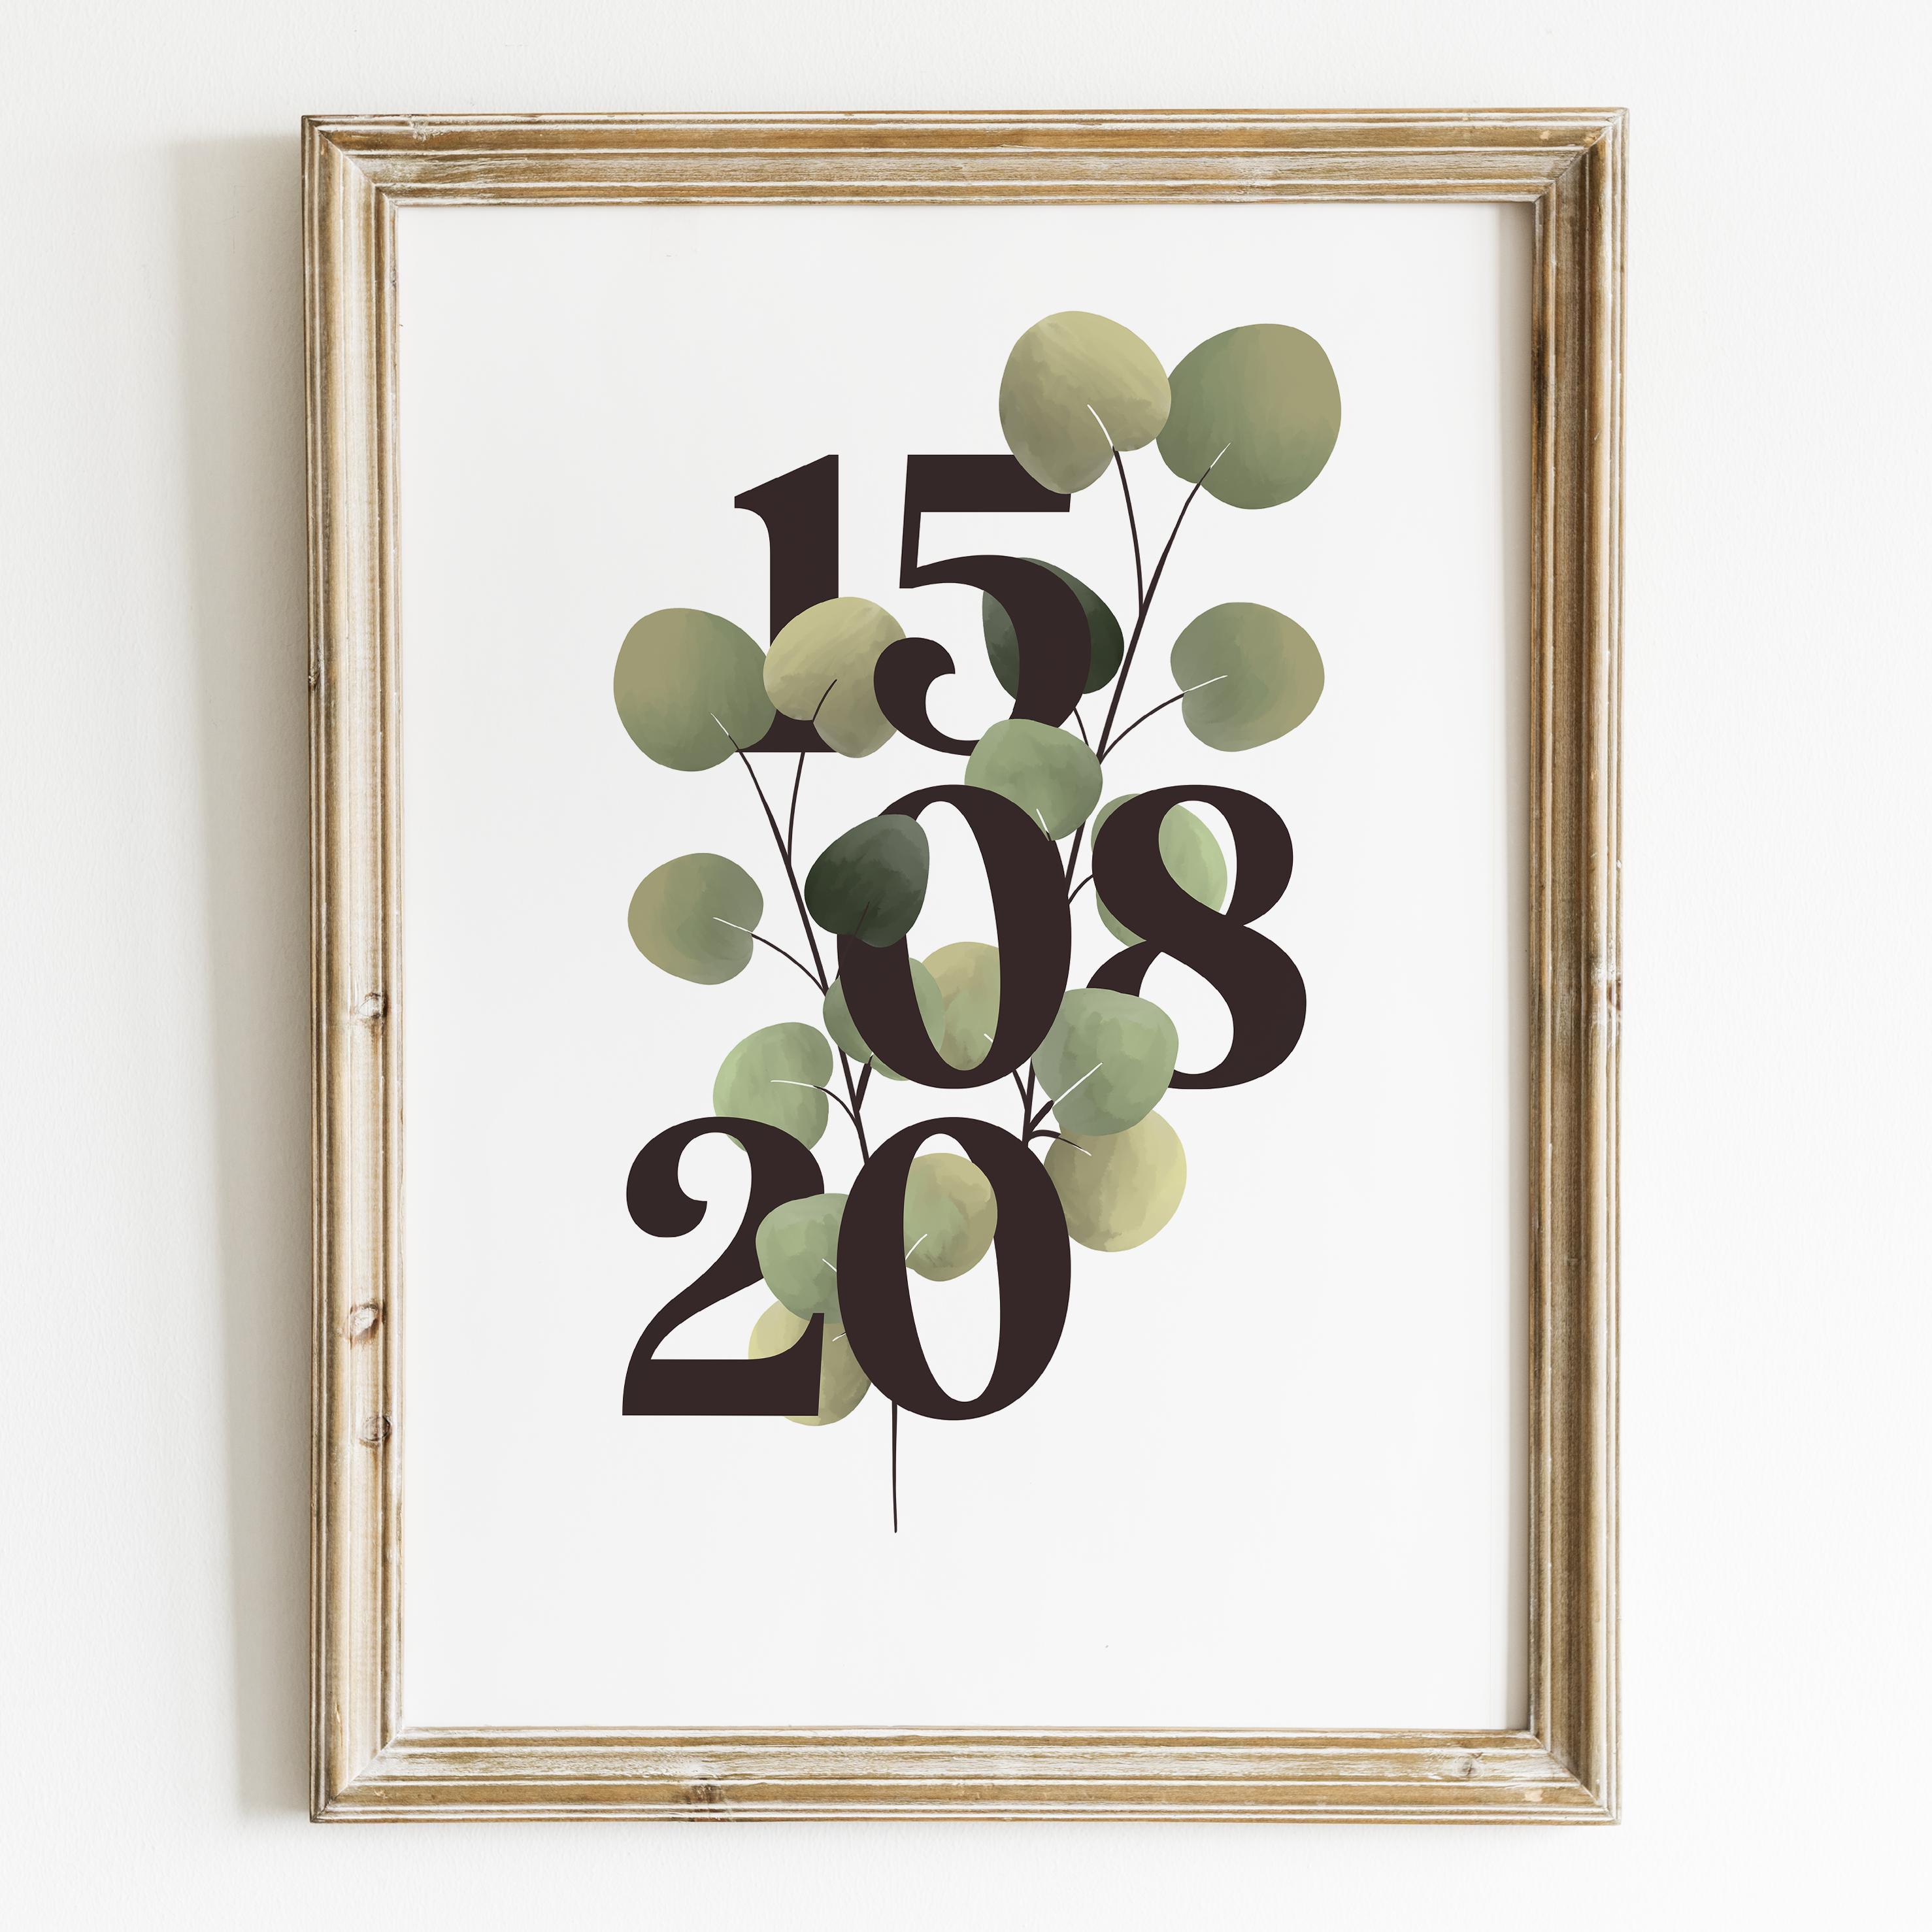 affiche-eucalyptus-date